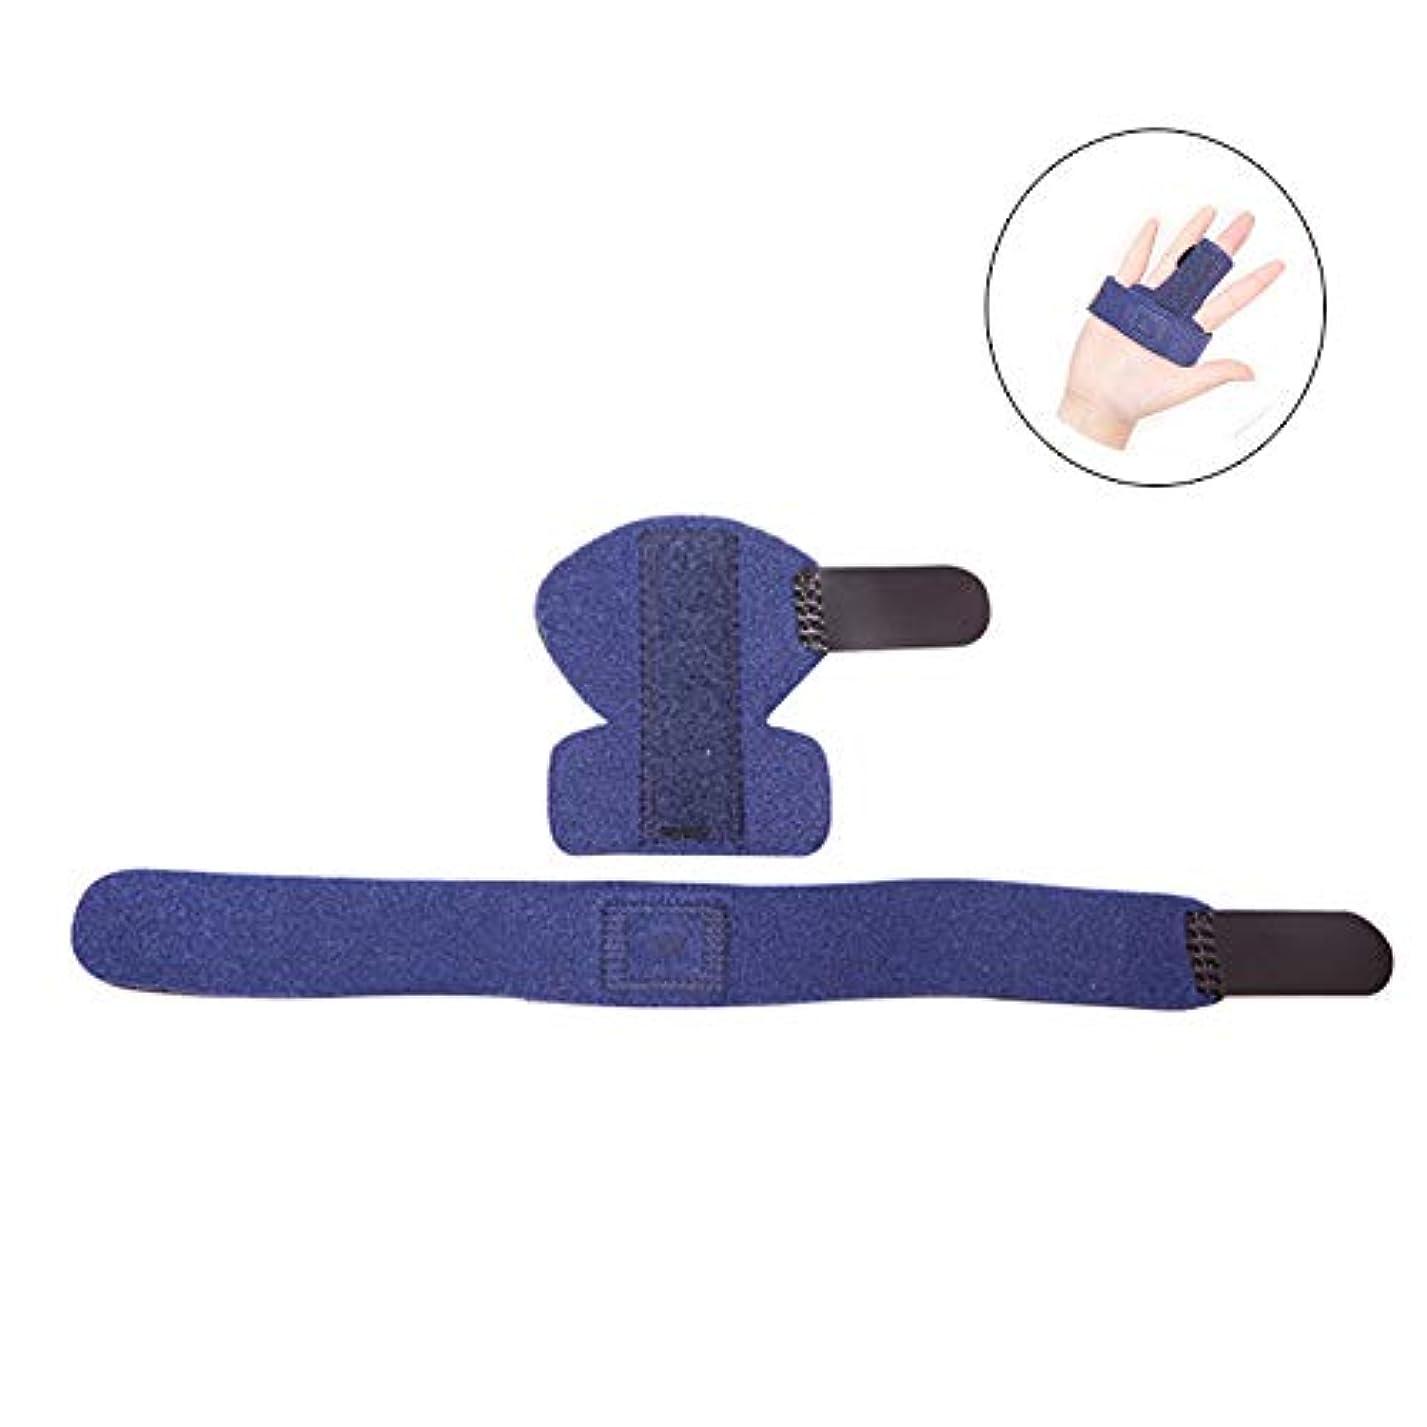 模倣思慮のない演劇指の痛みの軽減、指の関節の固定、指の骨折のための指サポート調整可能なプロテクターブレーススプリント